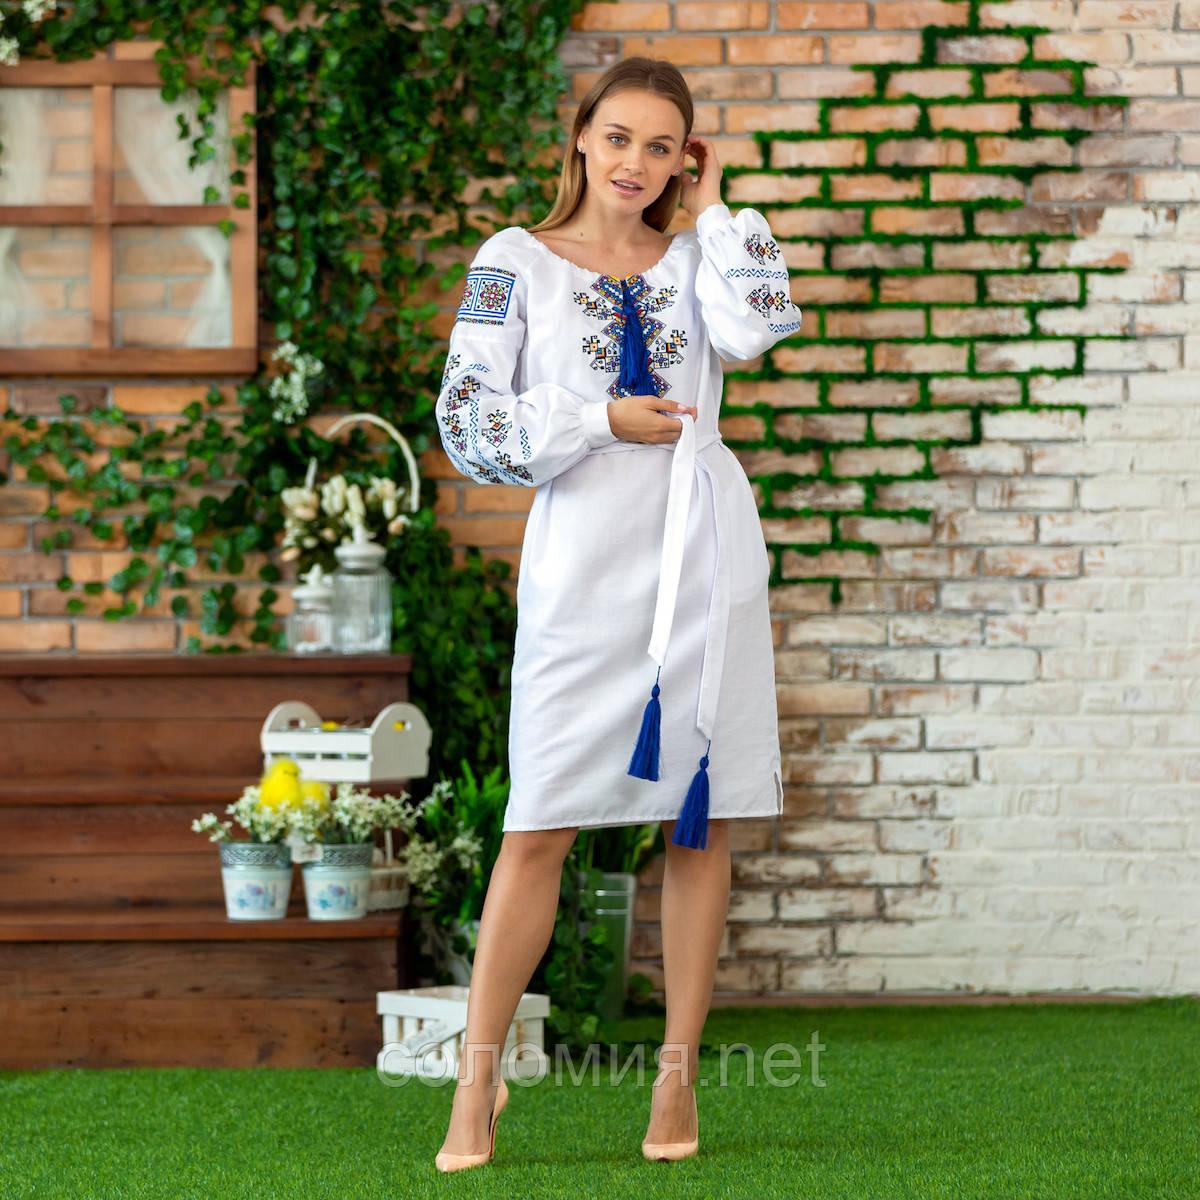 Очаровательное Вышитое женское платье. Вышиванка